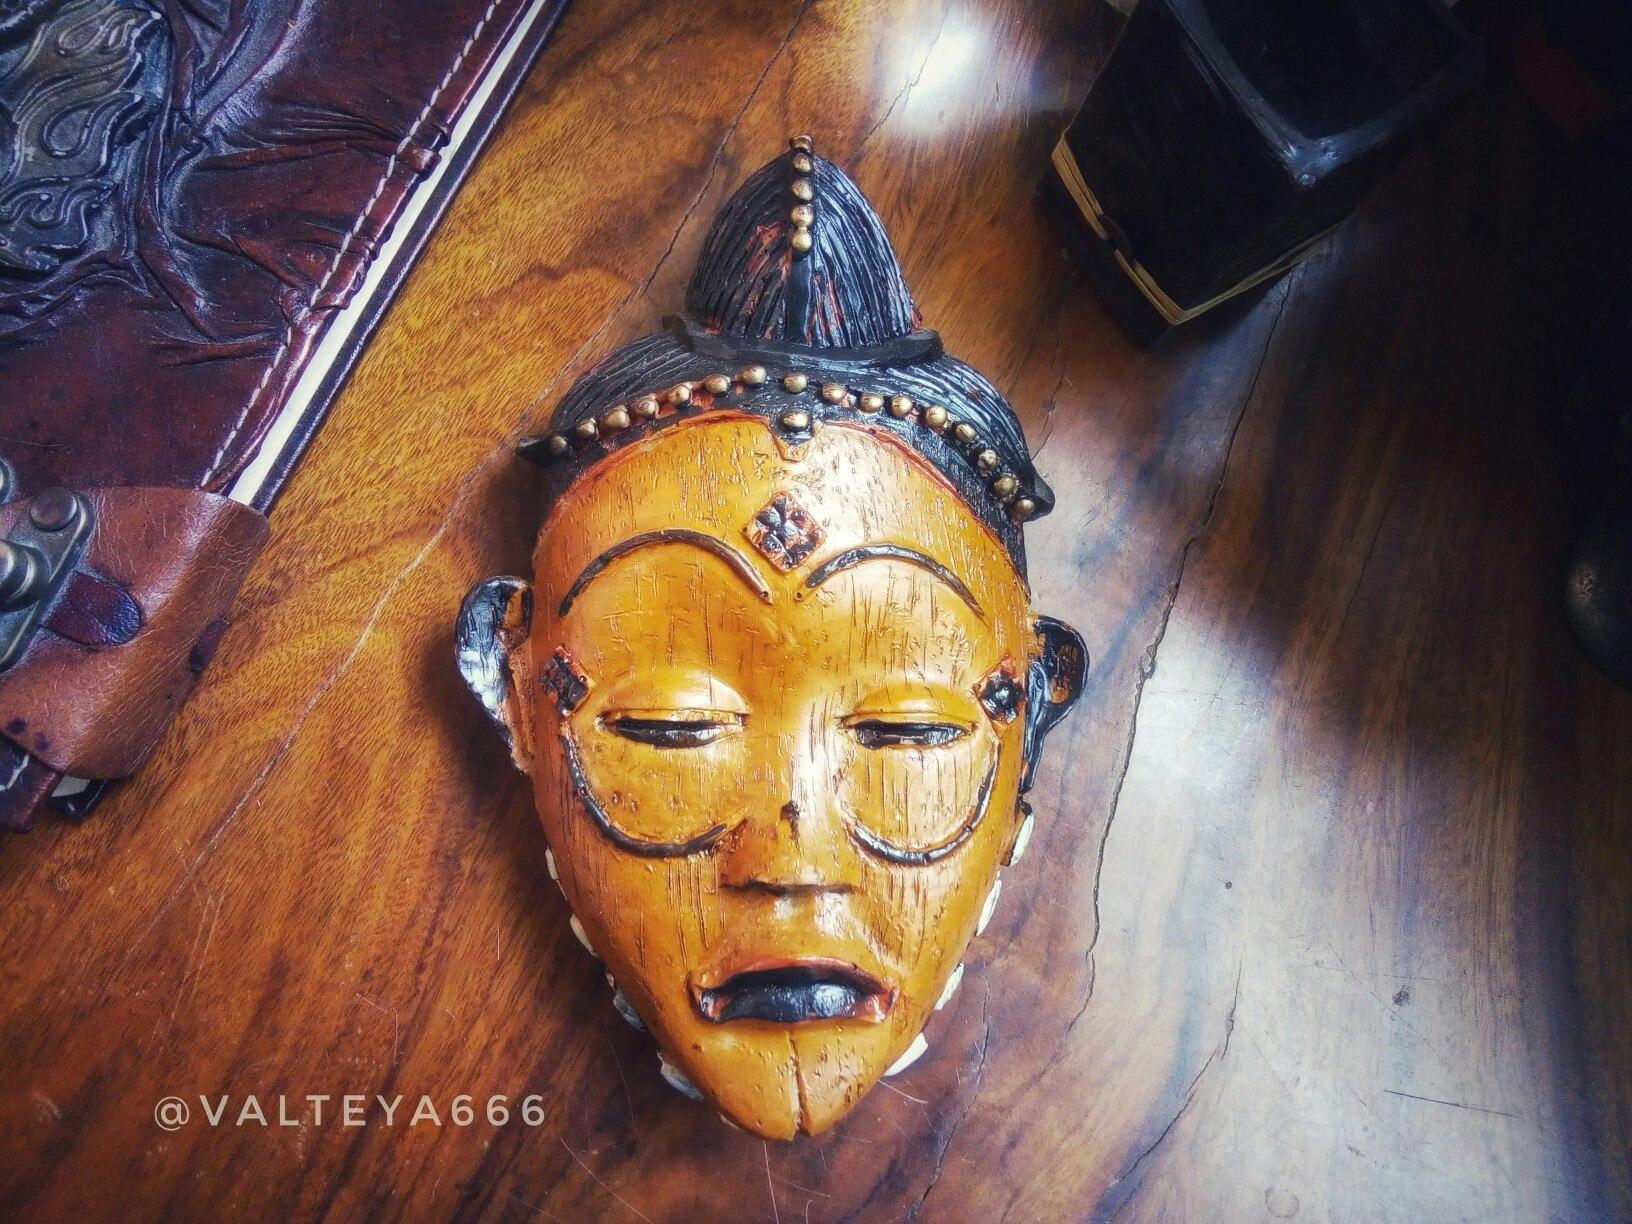 защитапомещения - Настенные маски с магическими программами.  MskV-LBNNds